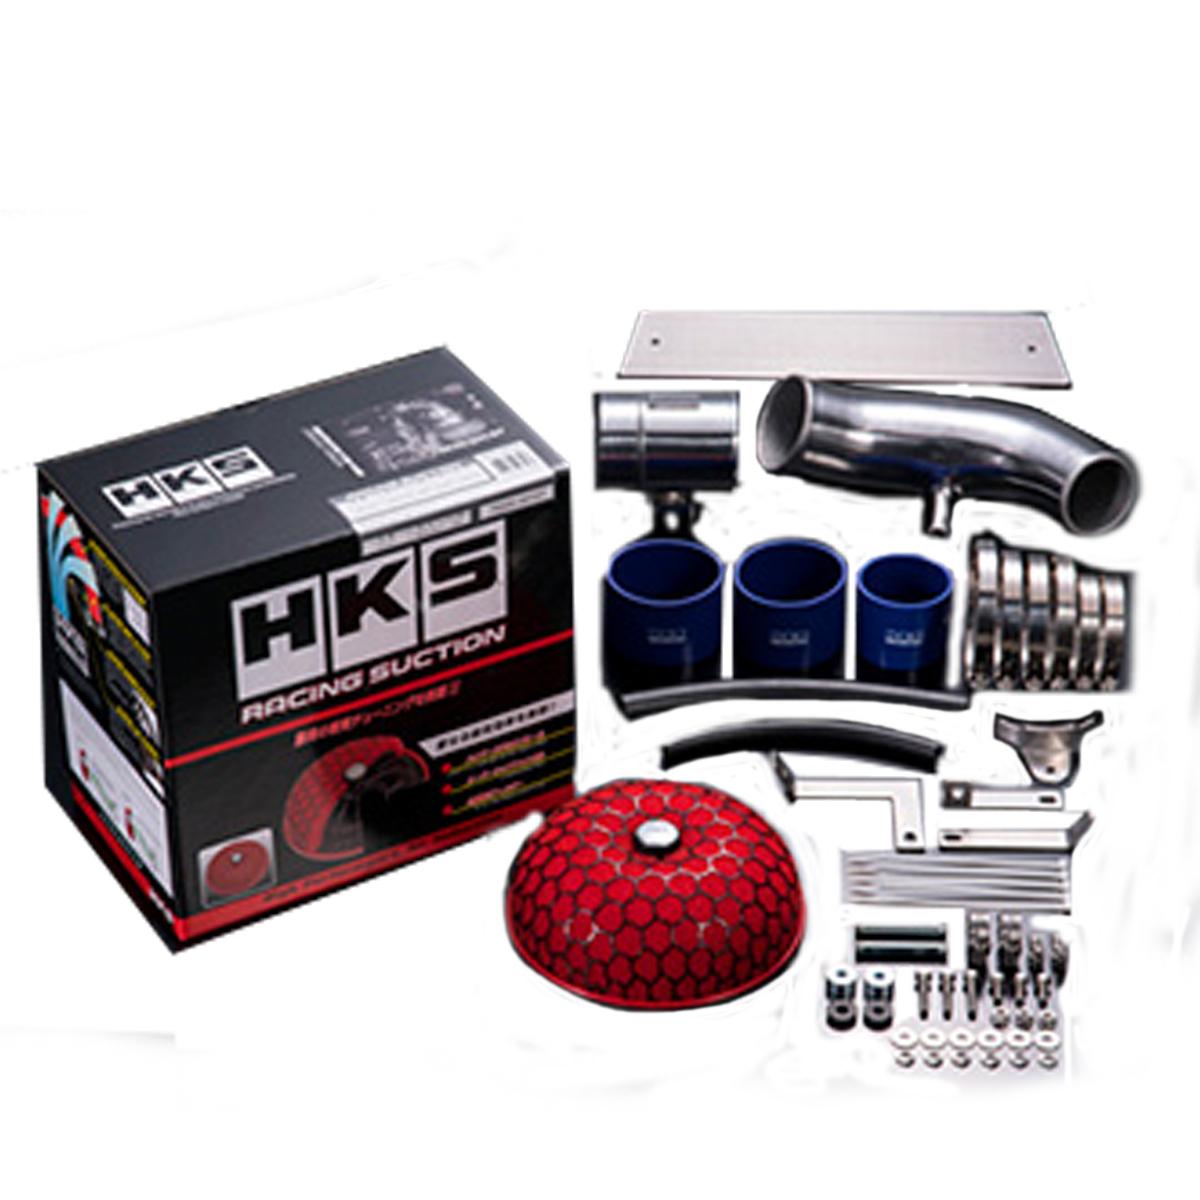 ヴェロッサ レーシングサクション JZX110 HKS 70020-AT107 インテークシリーズ 個人宅発送追金有